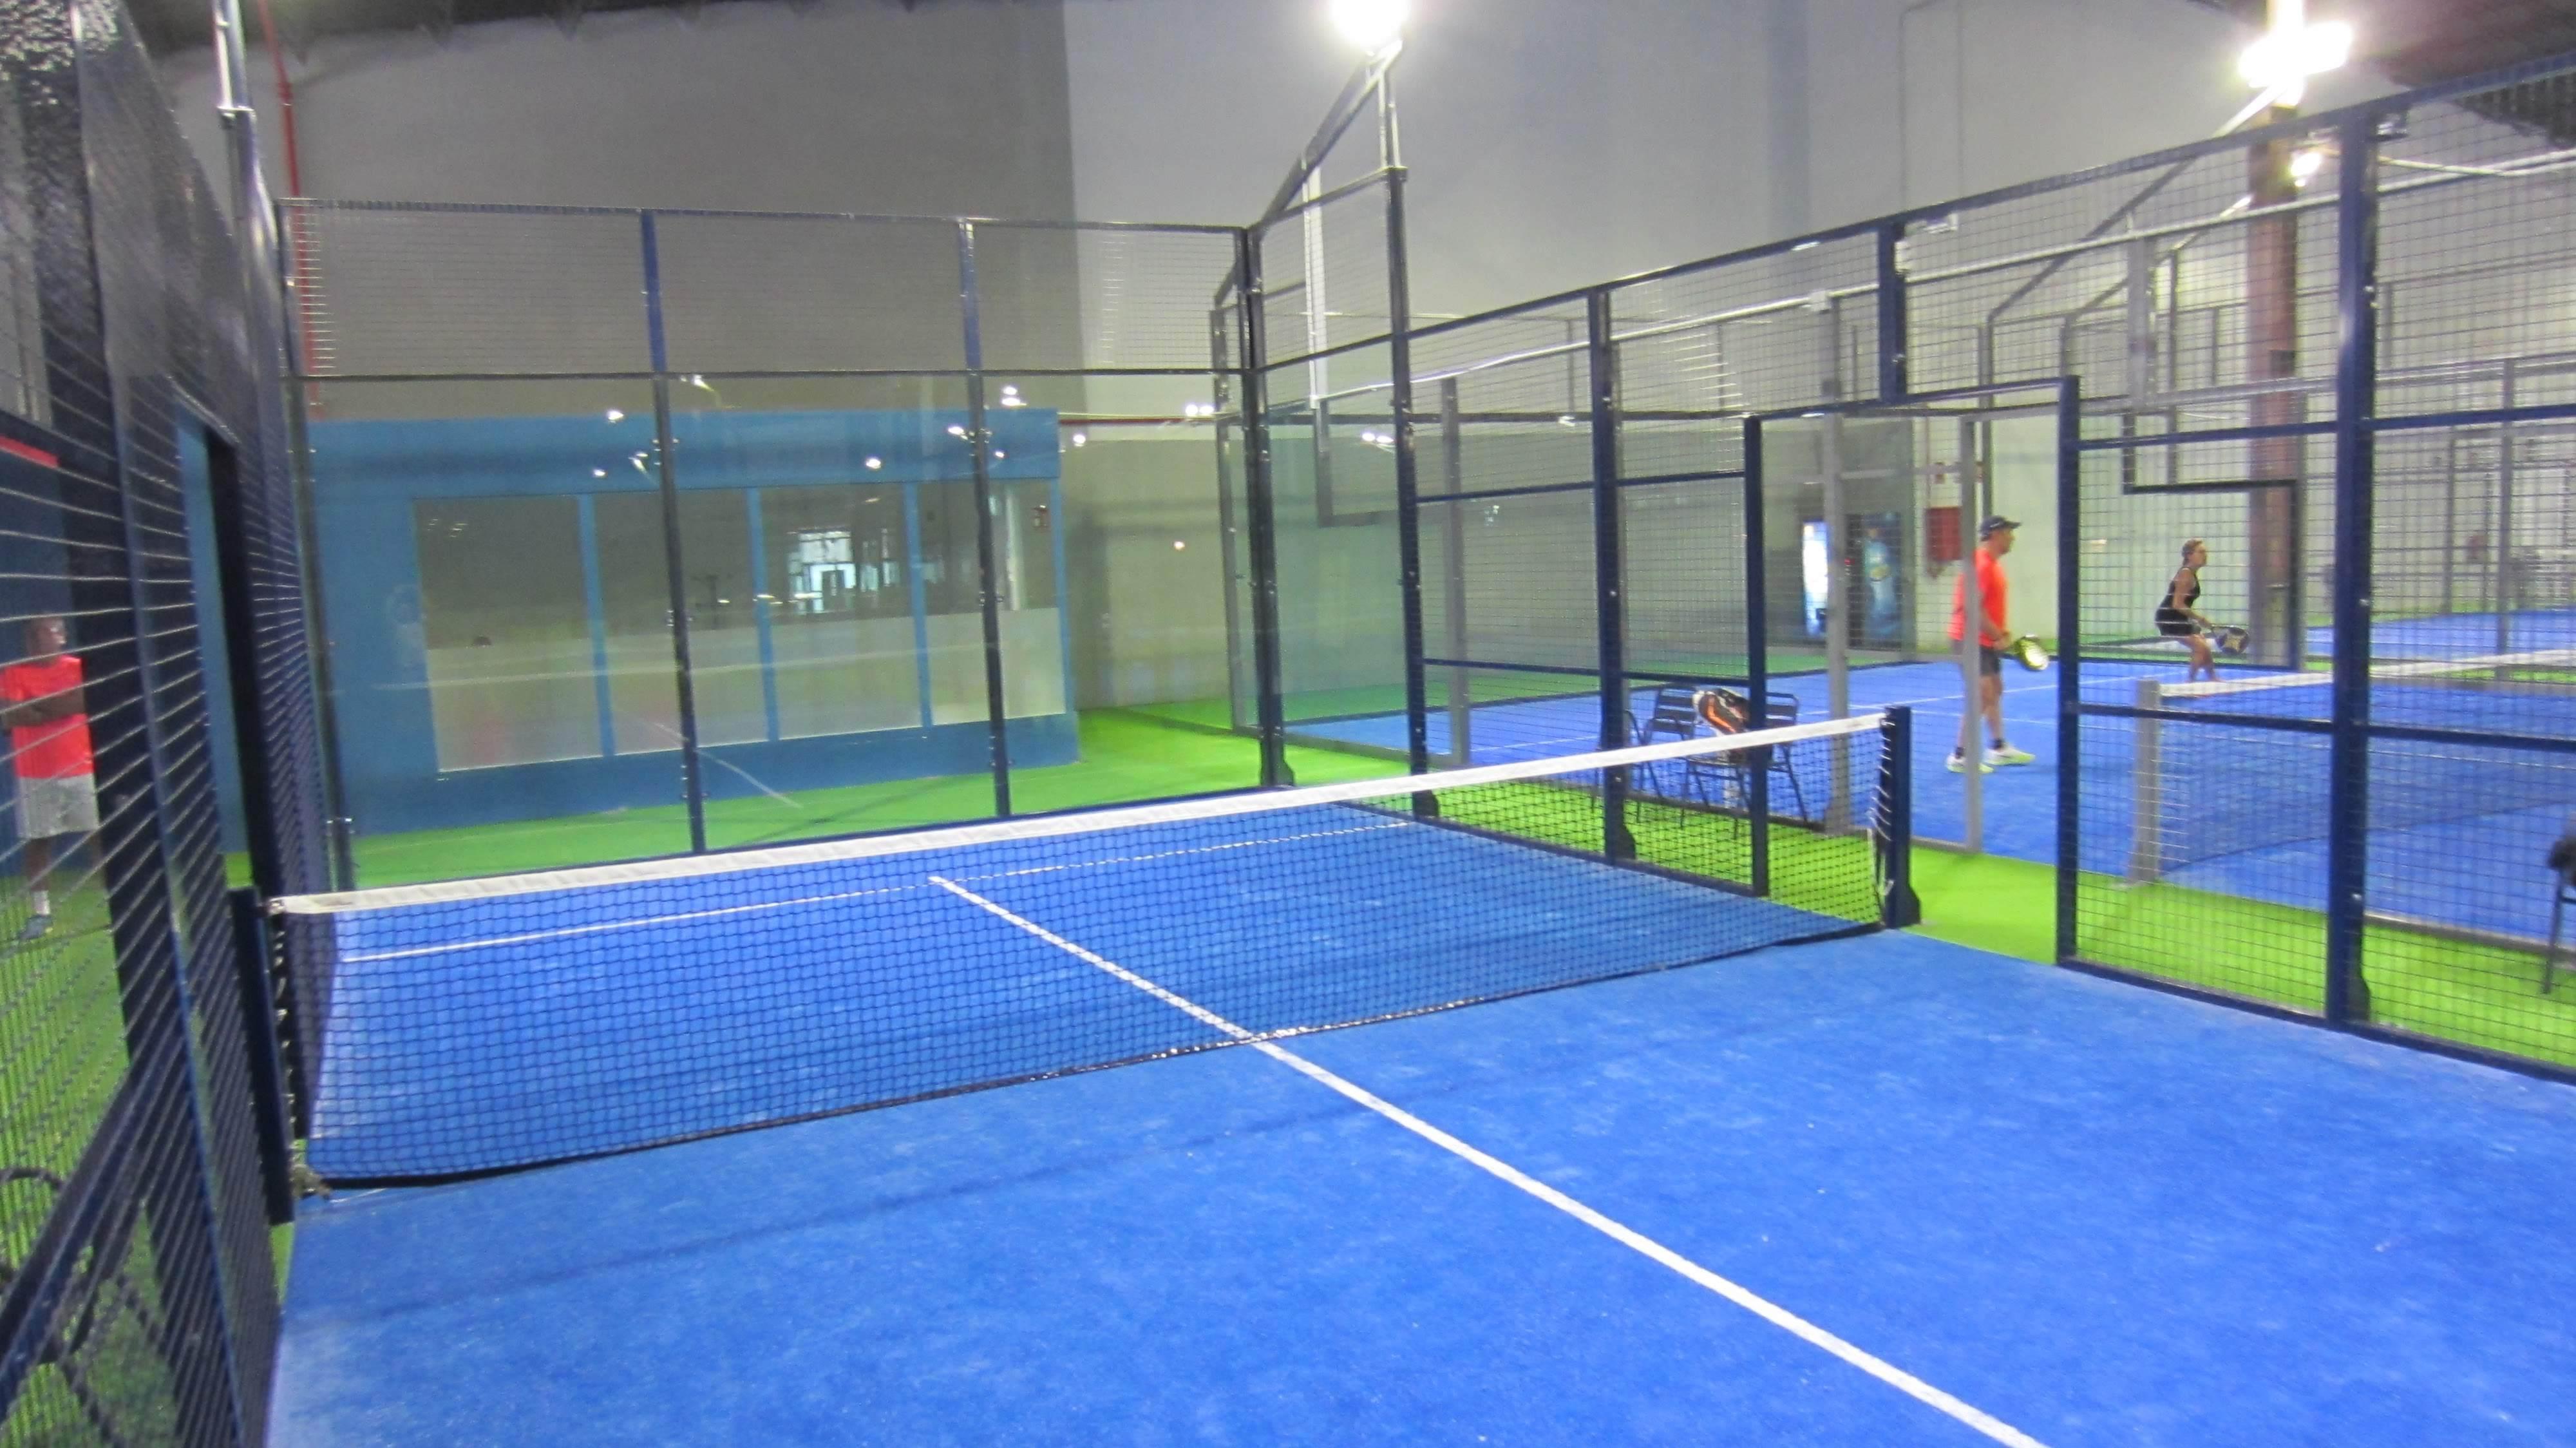 1 pista de 6 x 12 para niños de 4 a 9 años, entrenamientos y competición